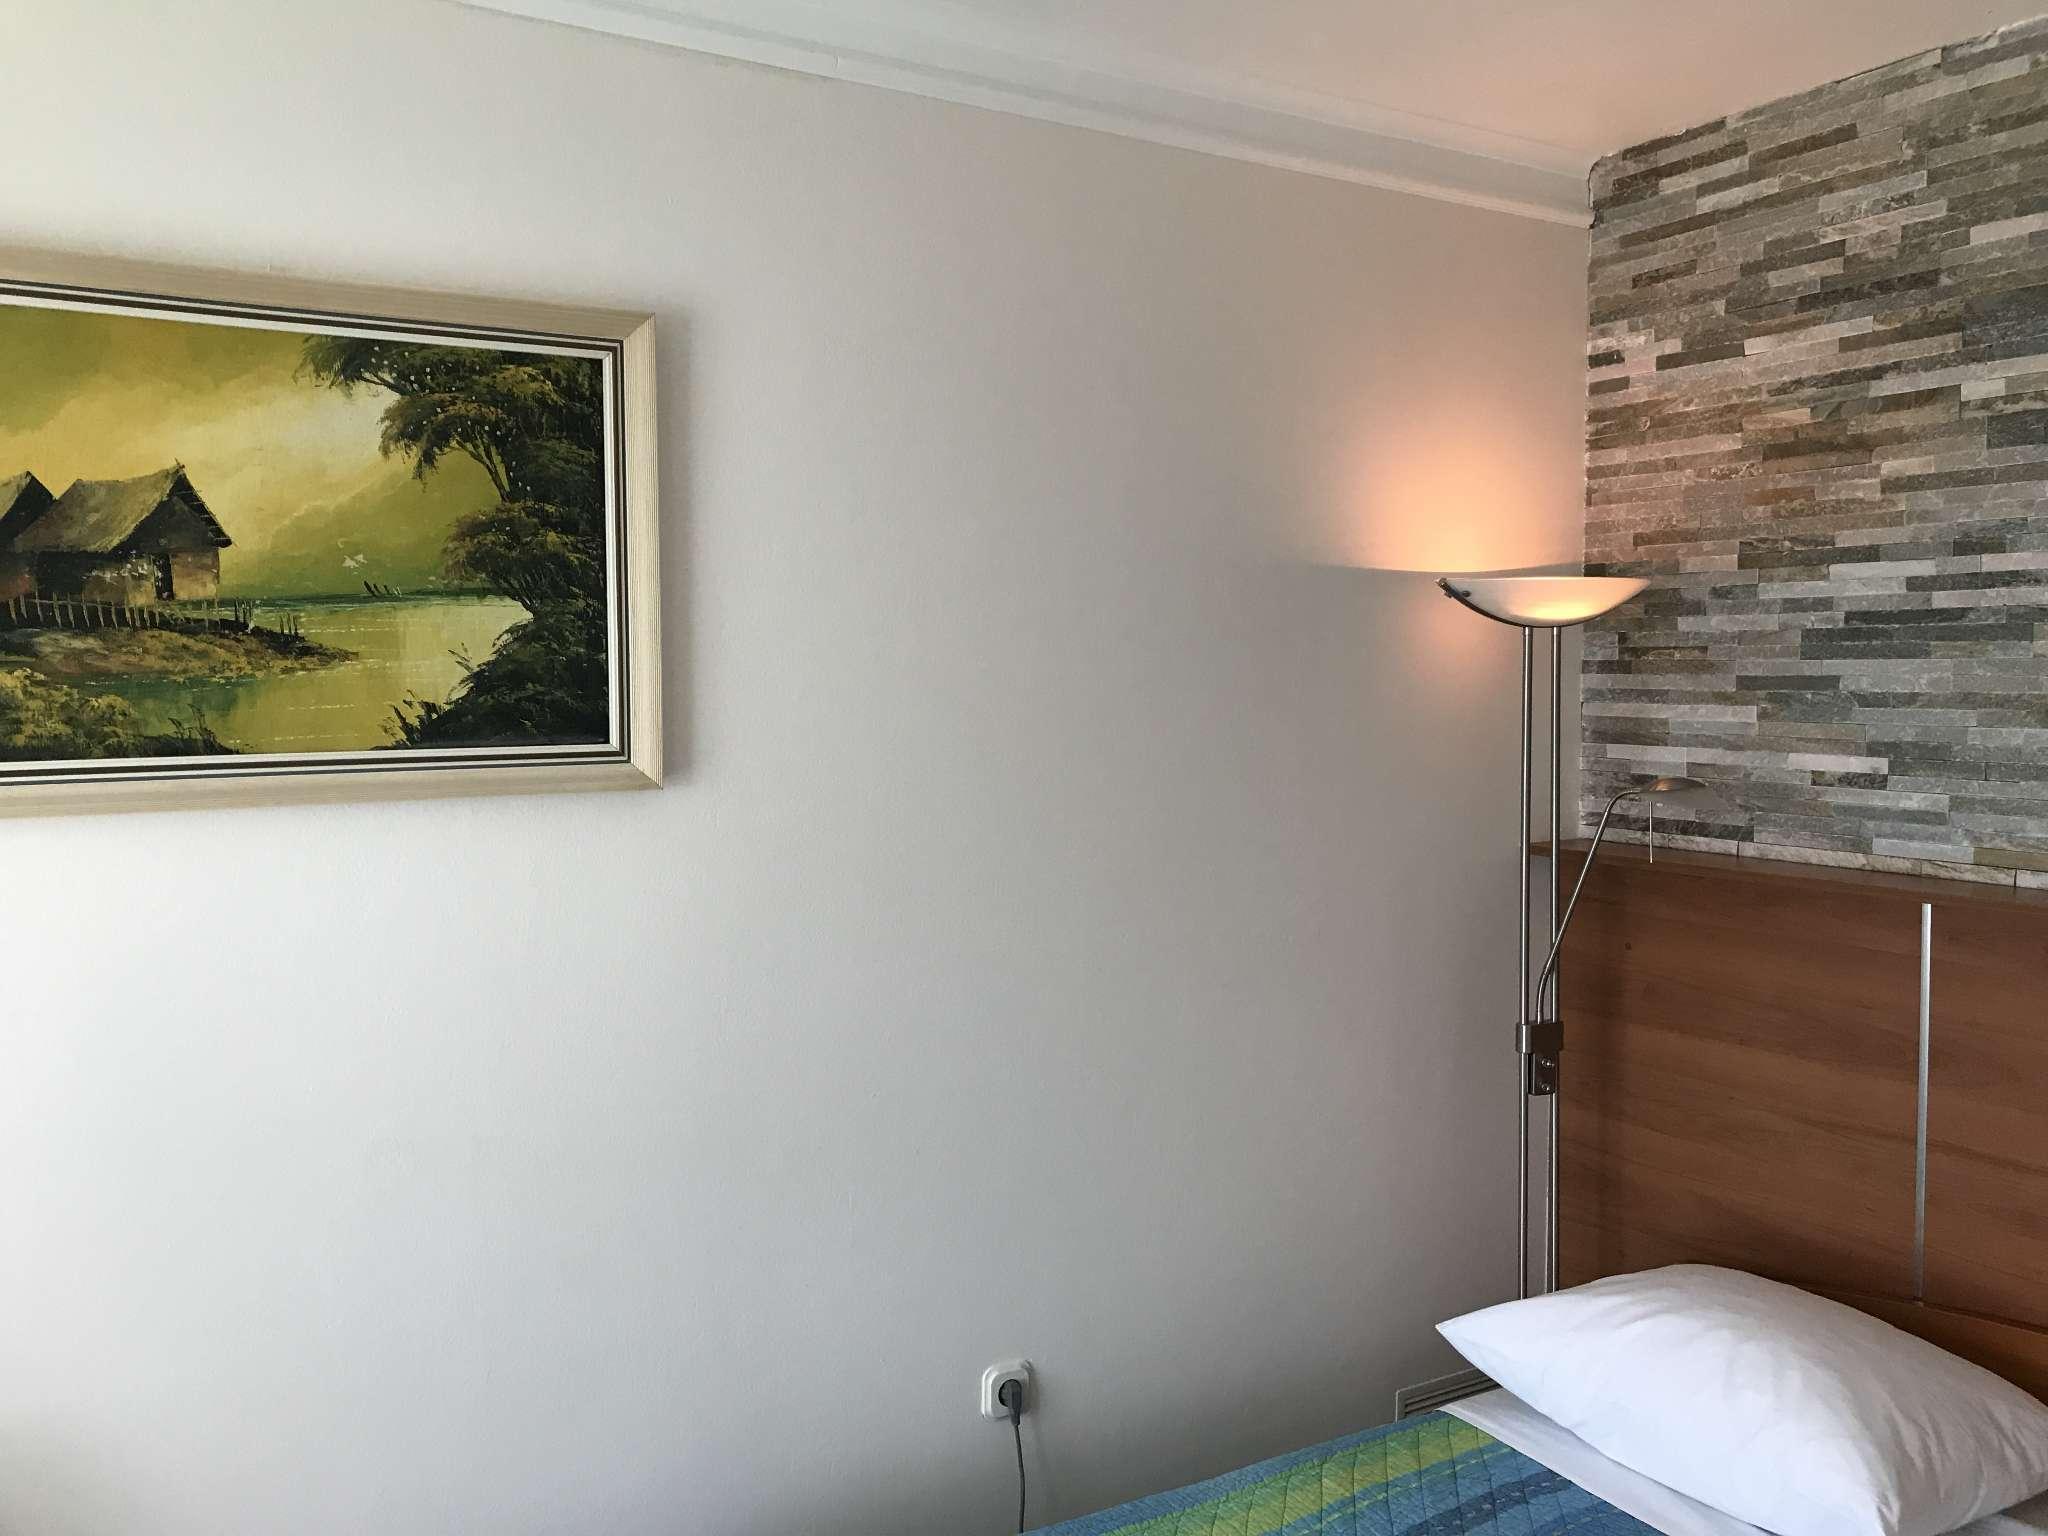 Zusatzbild Nr. 09 von Villa Valerija - Untere kleine Wohnung